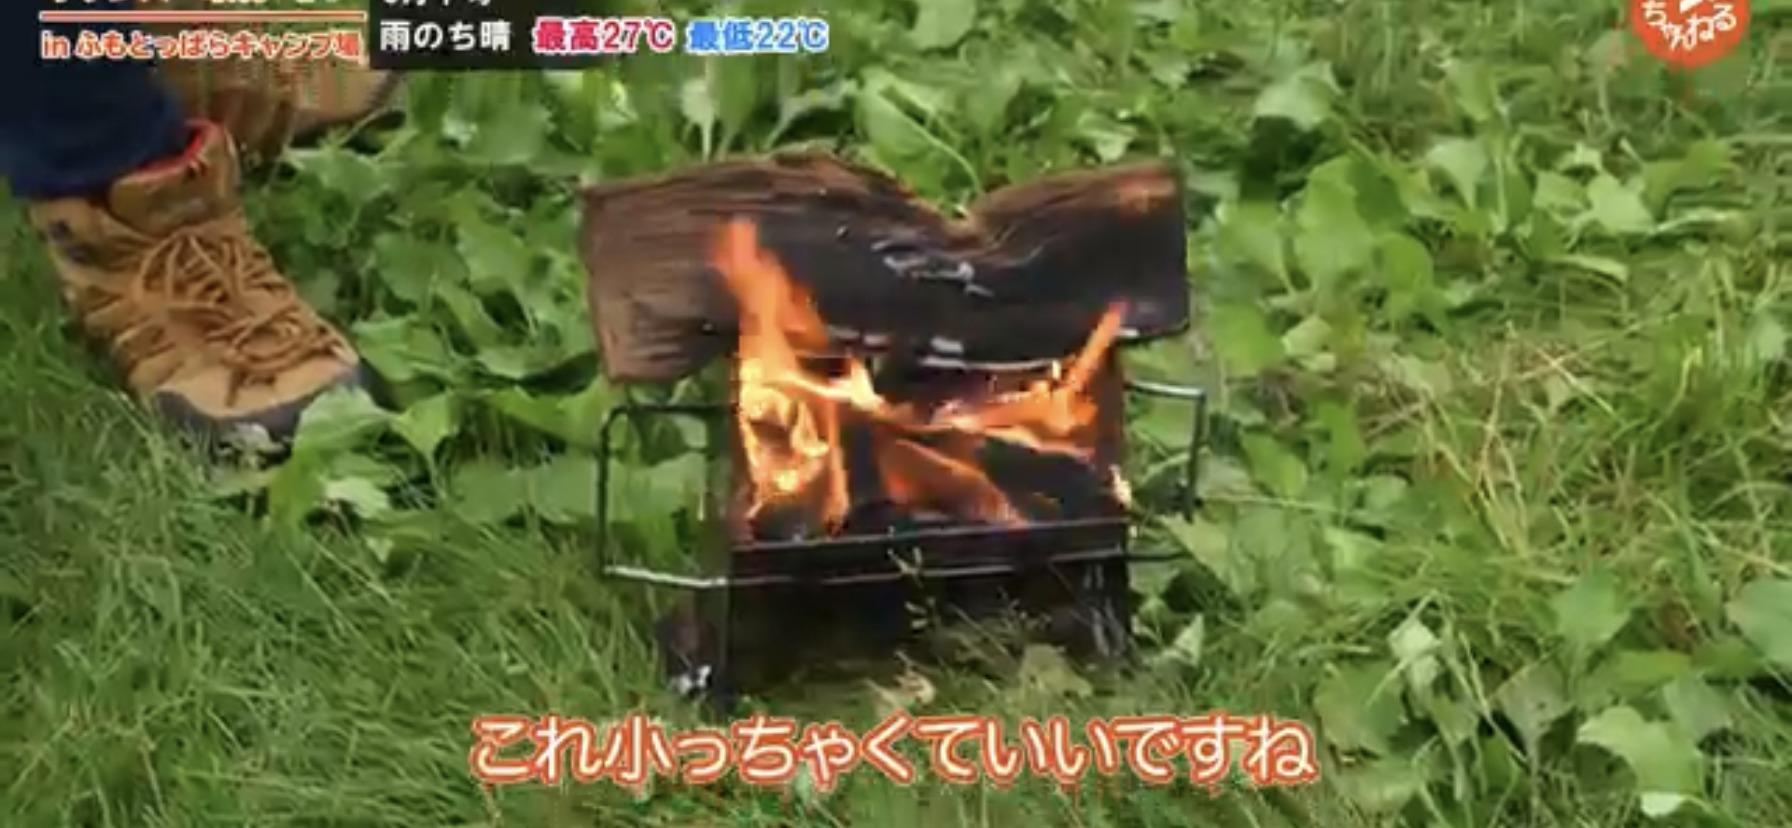 焚き火台:【ユニフレーム】薪グリルsoloの写真